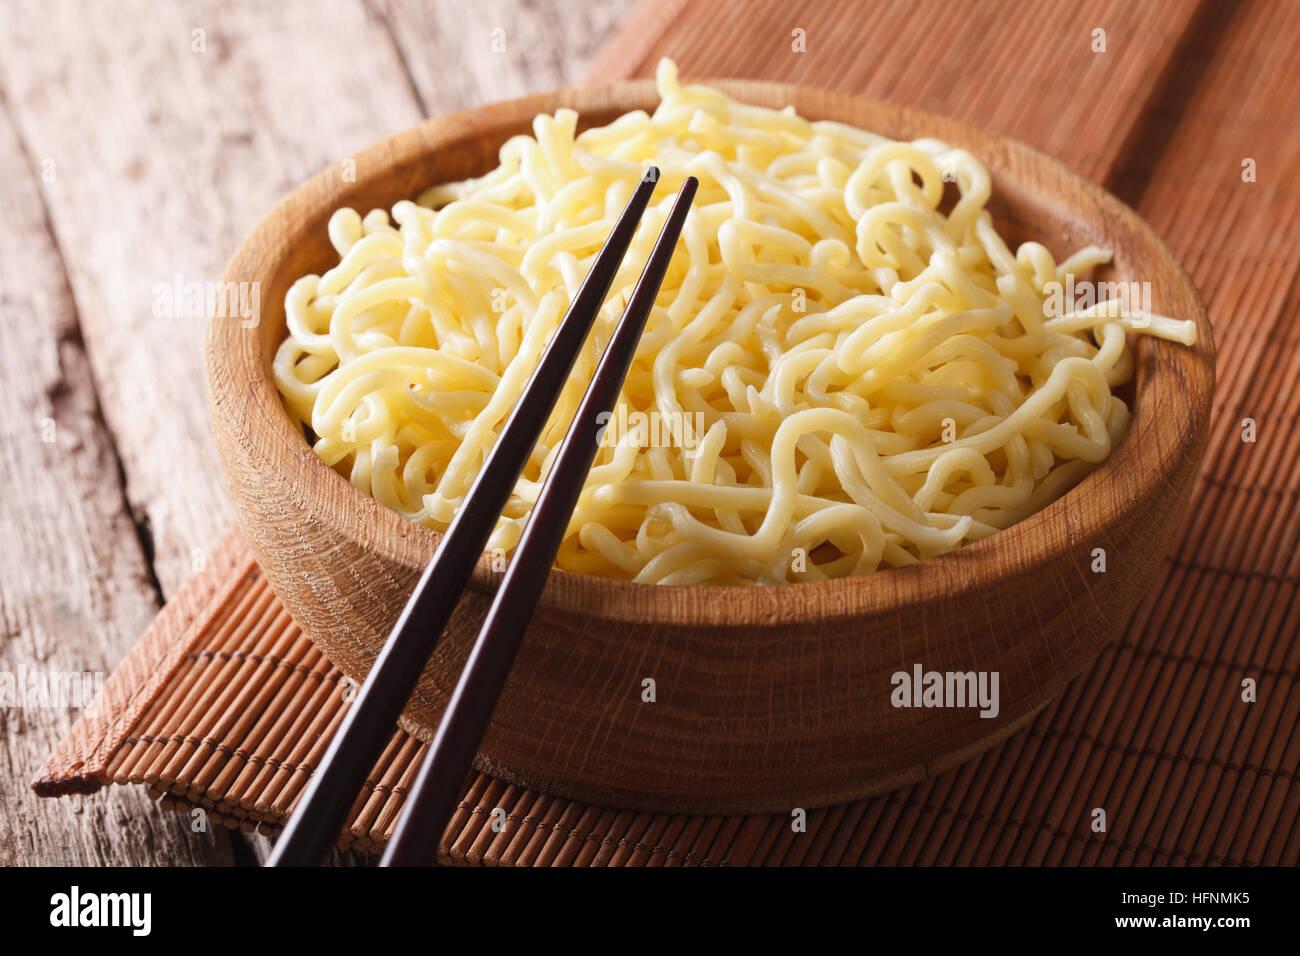 Fast food asiatique: Ramen dans un bol en bois sur la table horizontale de près. Photo Stock